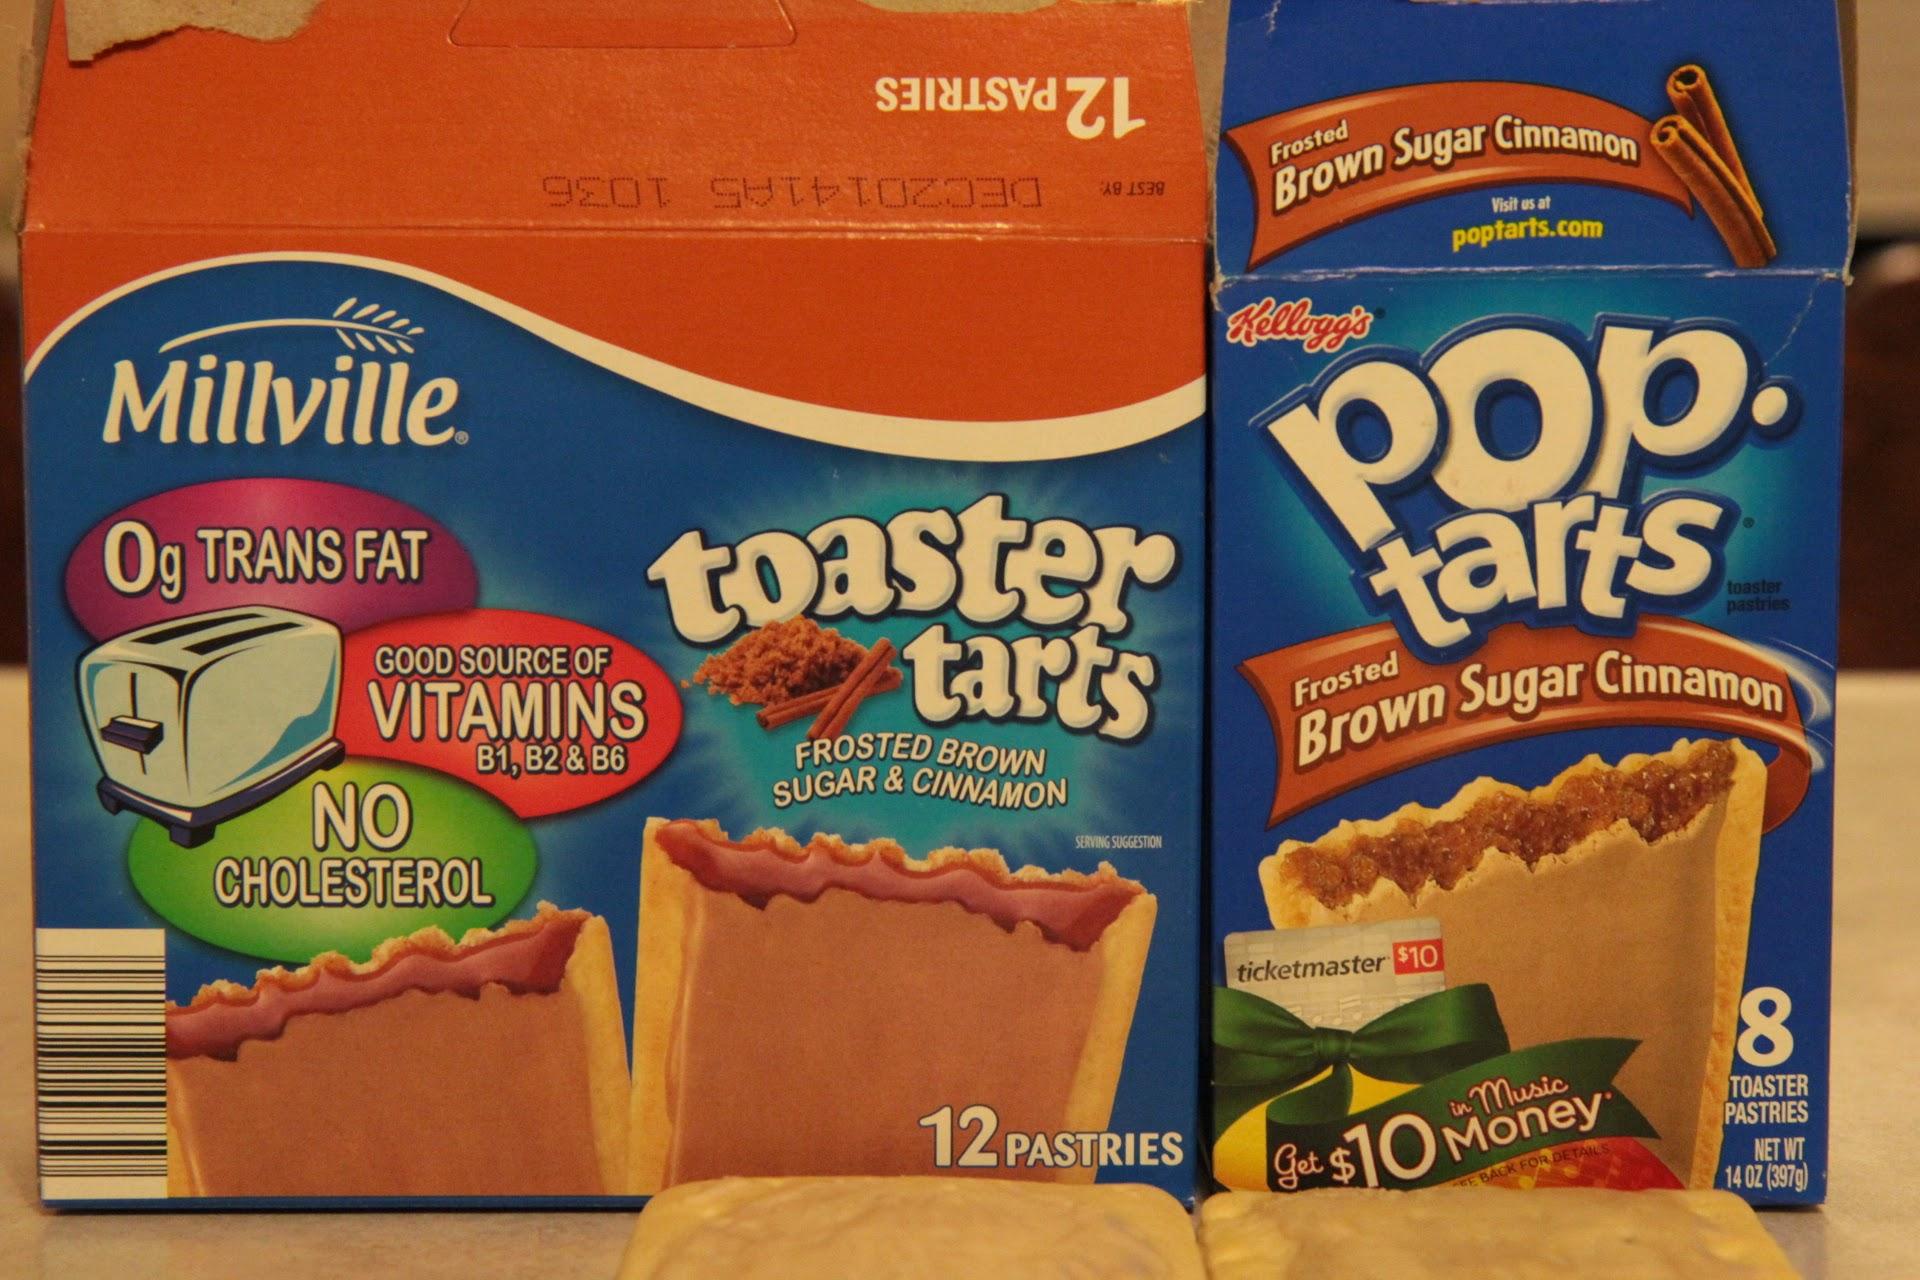 Millville Toaster Tarts vs. Kellogg's Pop Tarts: Toaster Pastry